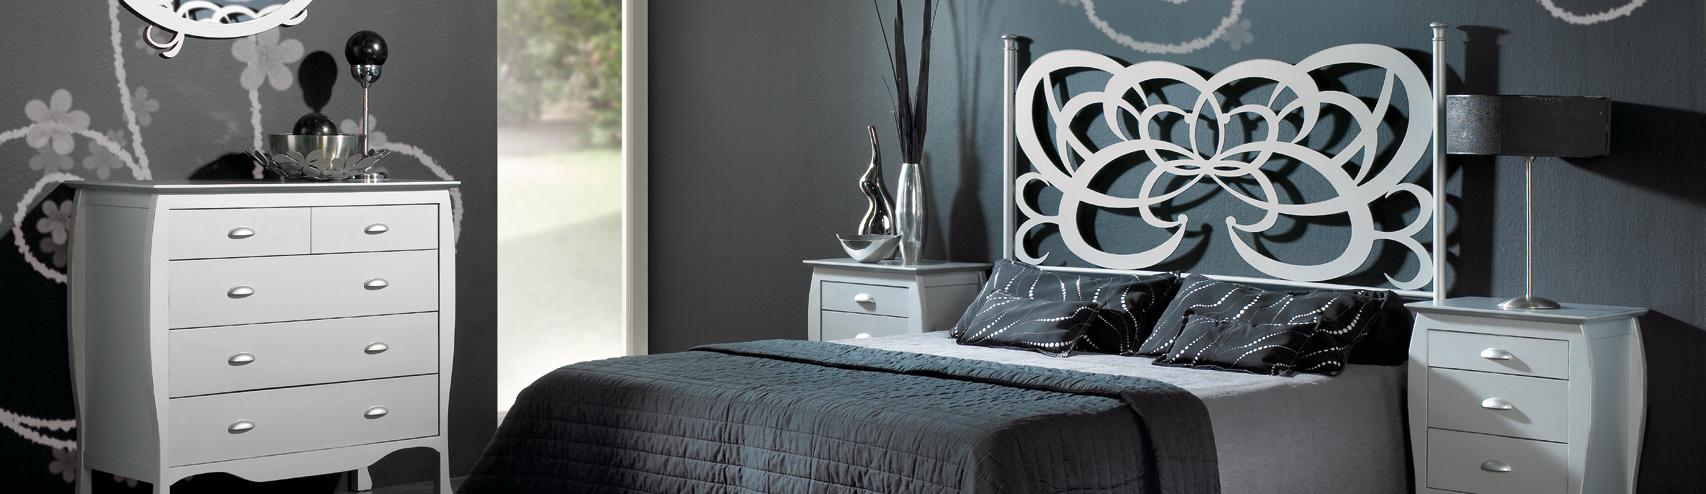 Forja beltran decoracion muebles de forja camas forja for Decoracion antecomedores